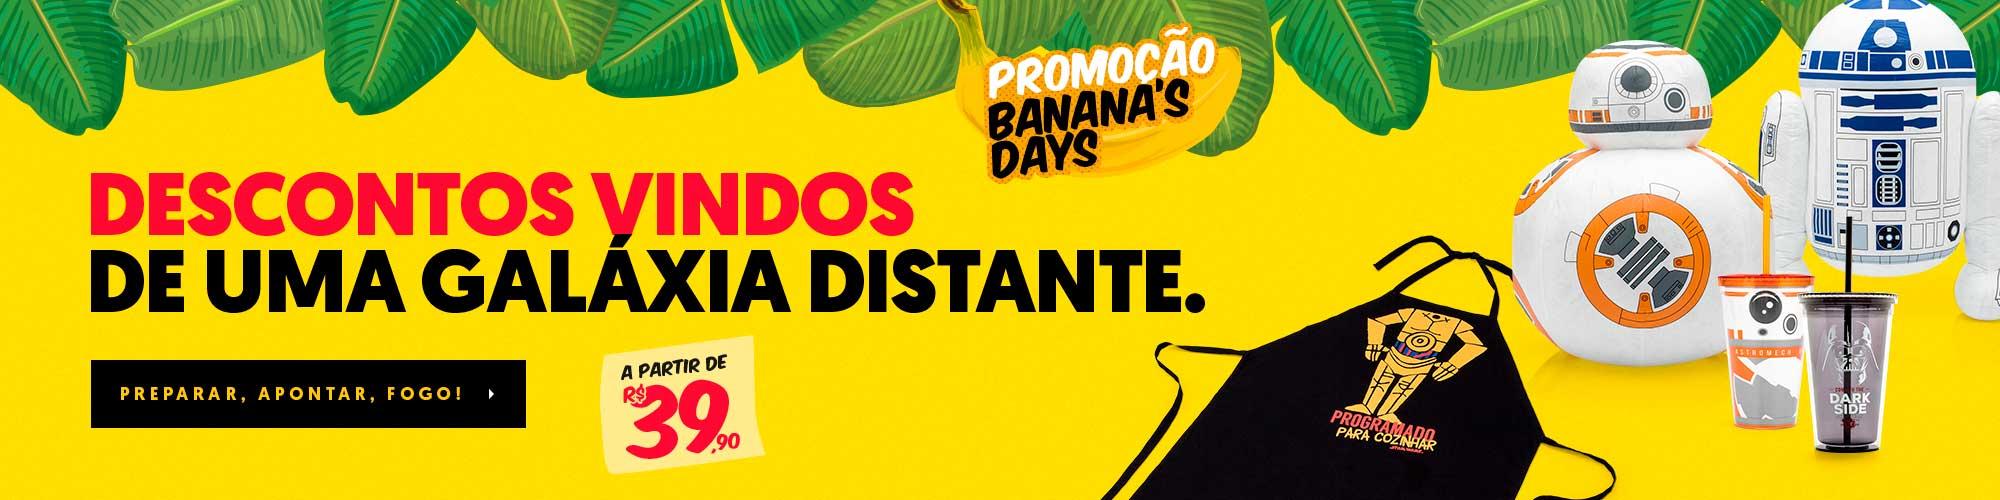 A - Banana promo SW